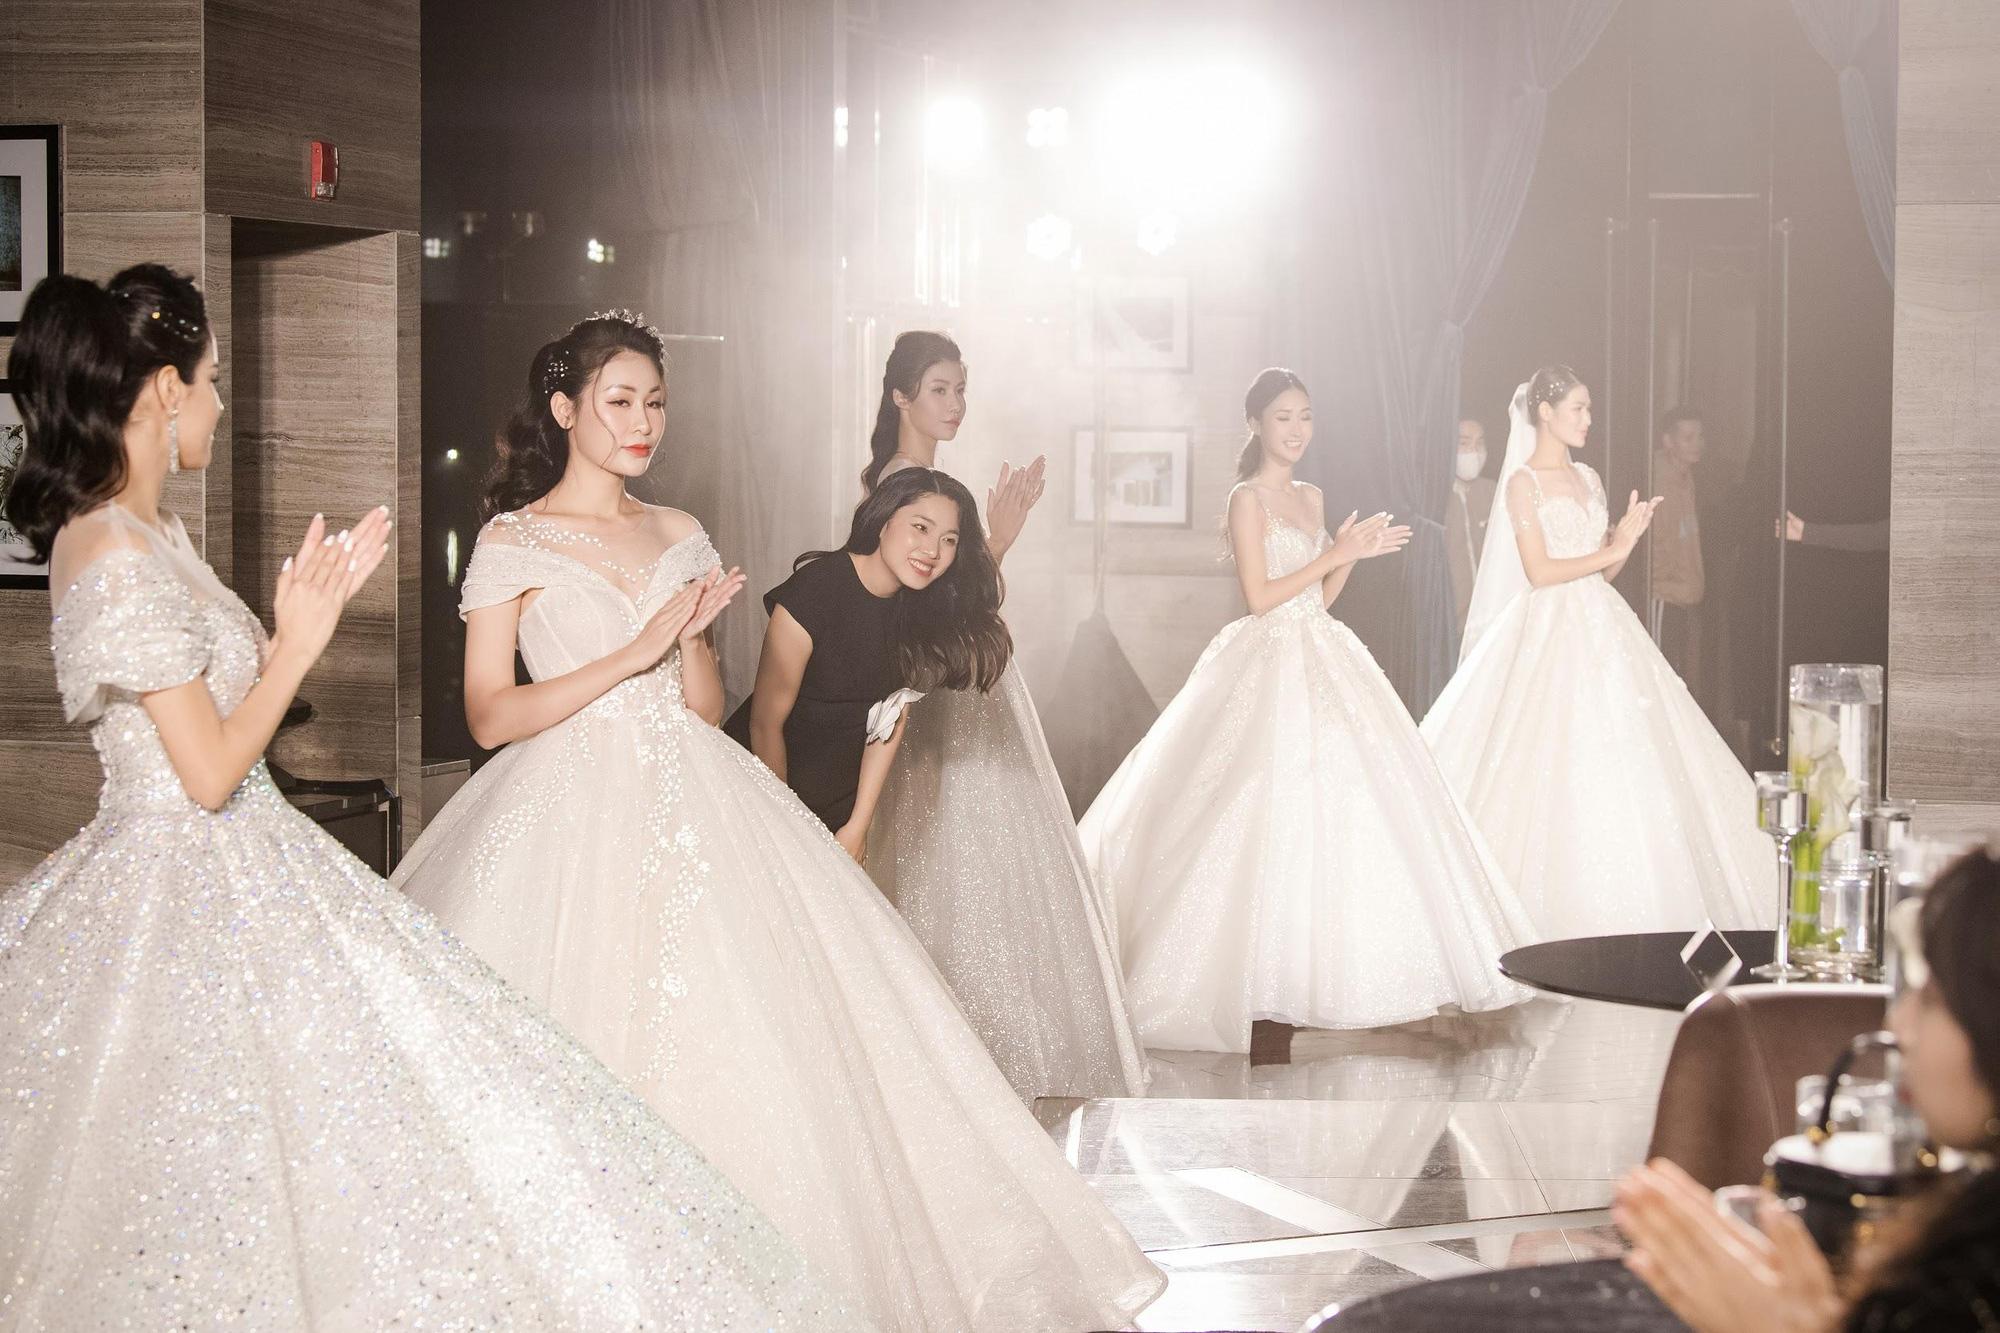 Lecia Bridal ra mắt dòng váy Luxury đính hàng trăm ngàn viên pha lê Swarovski - Ảnh 14.